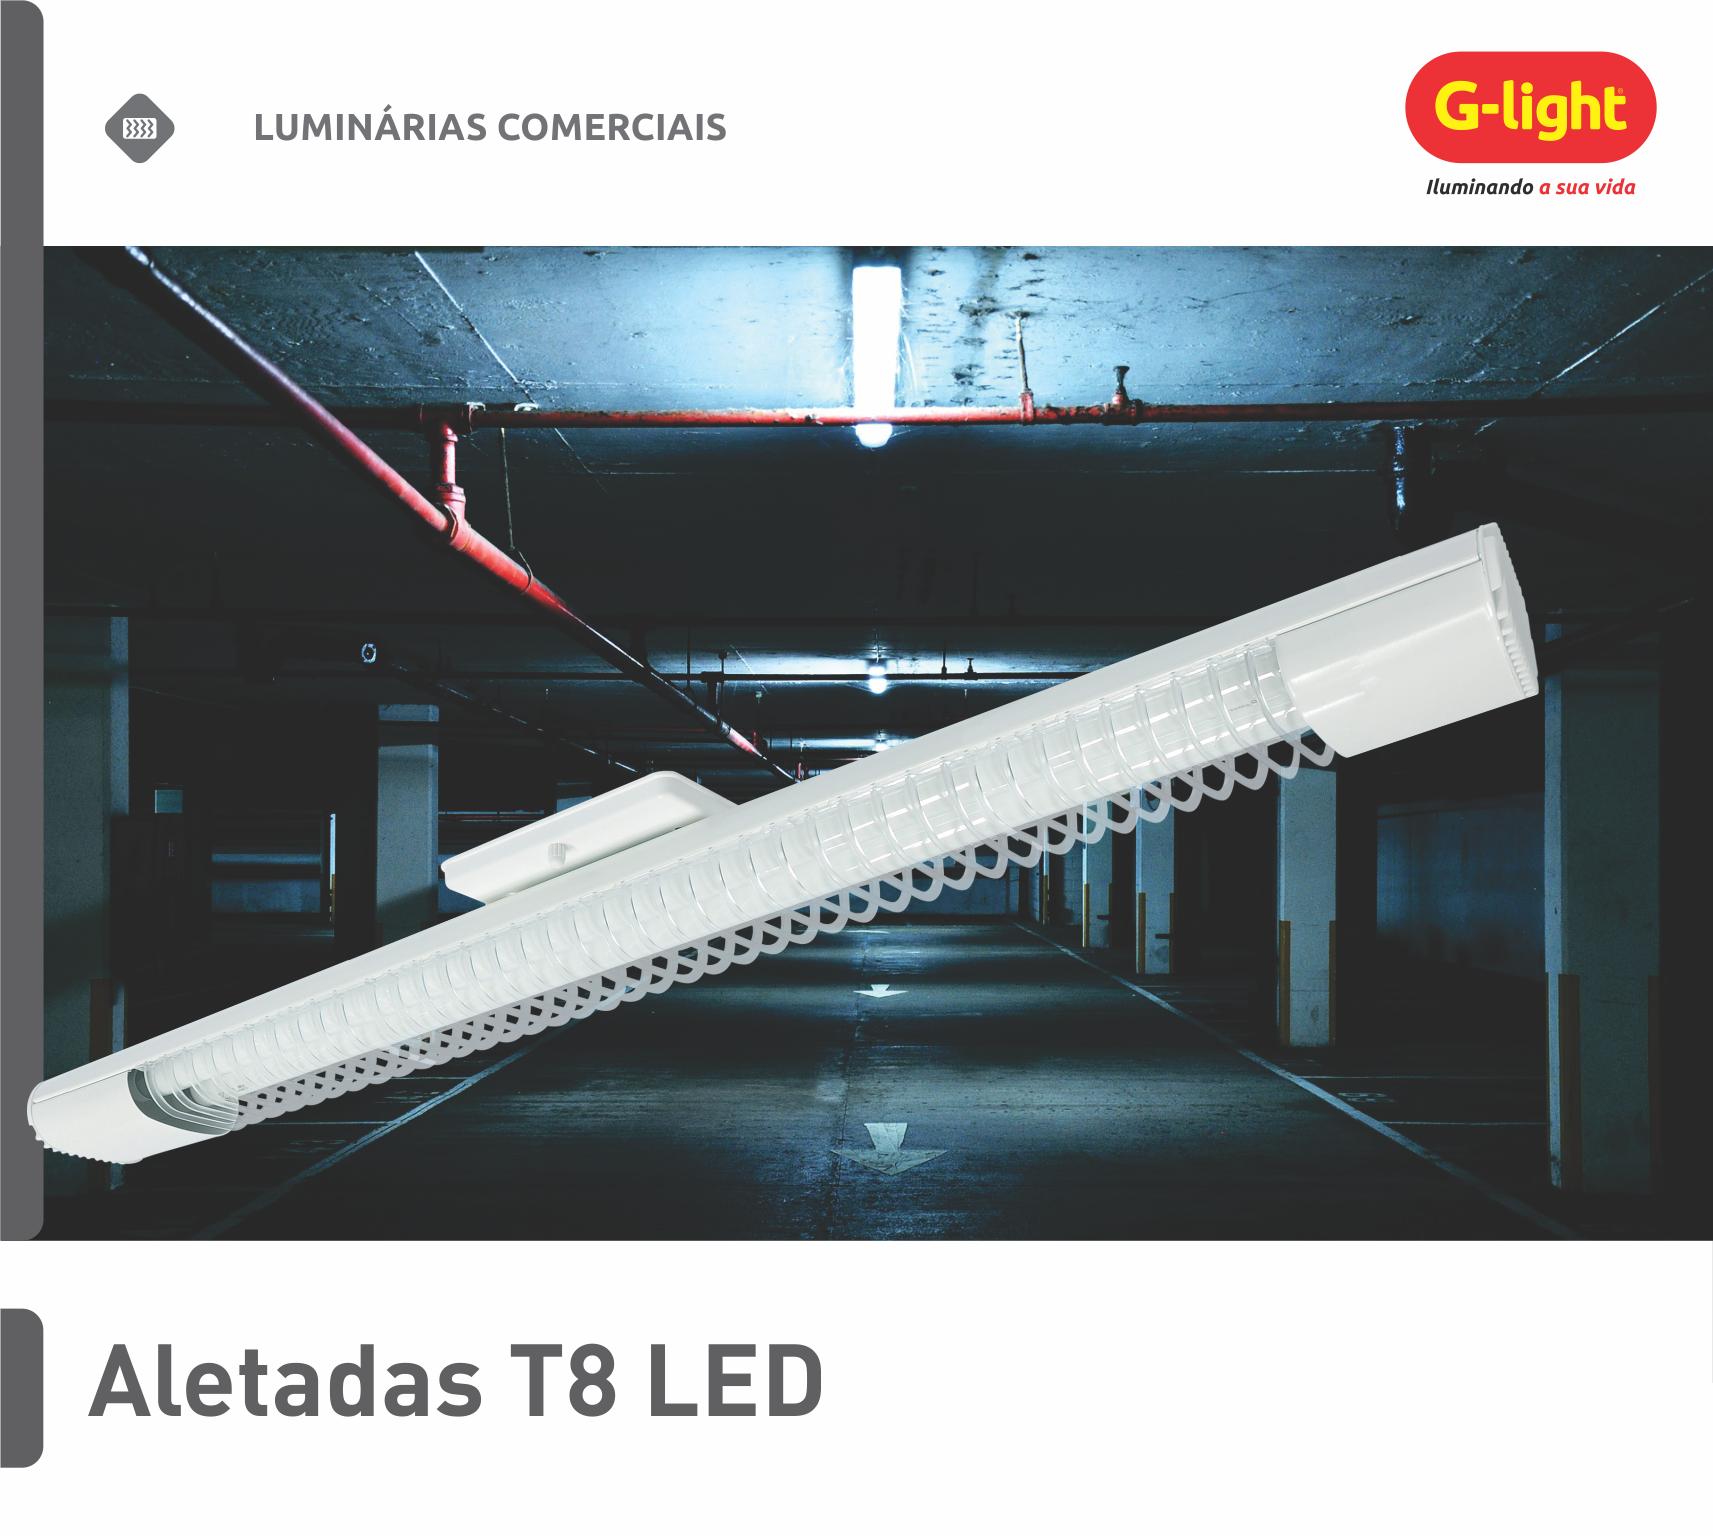 Luminárias Aletadas LED T8